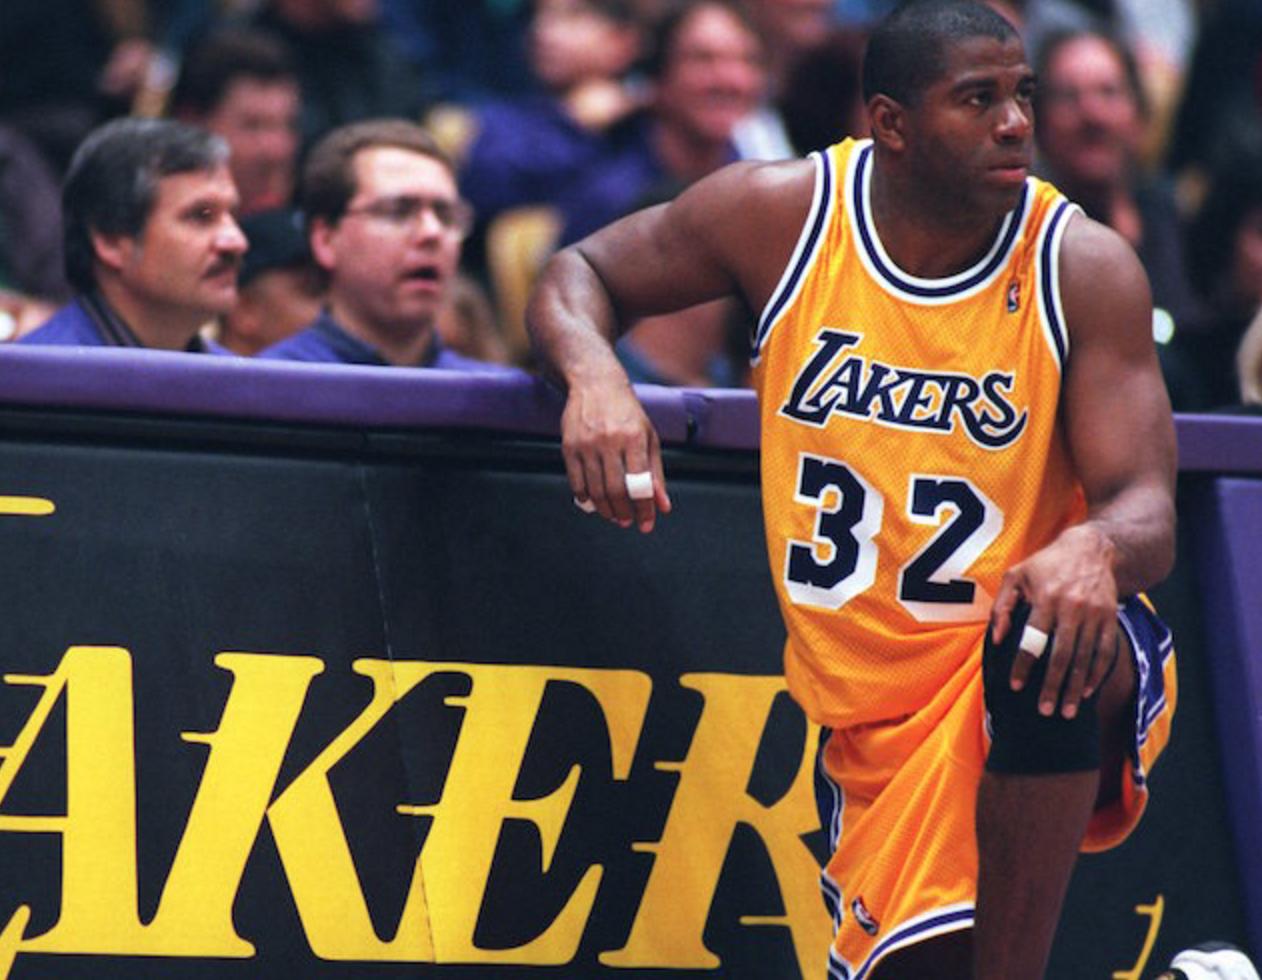 [籃球百科]21年前的今天,魔術師復出迎首秀,驚艷砍下準三雙